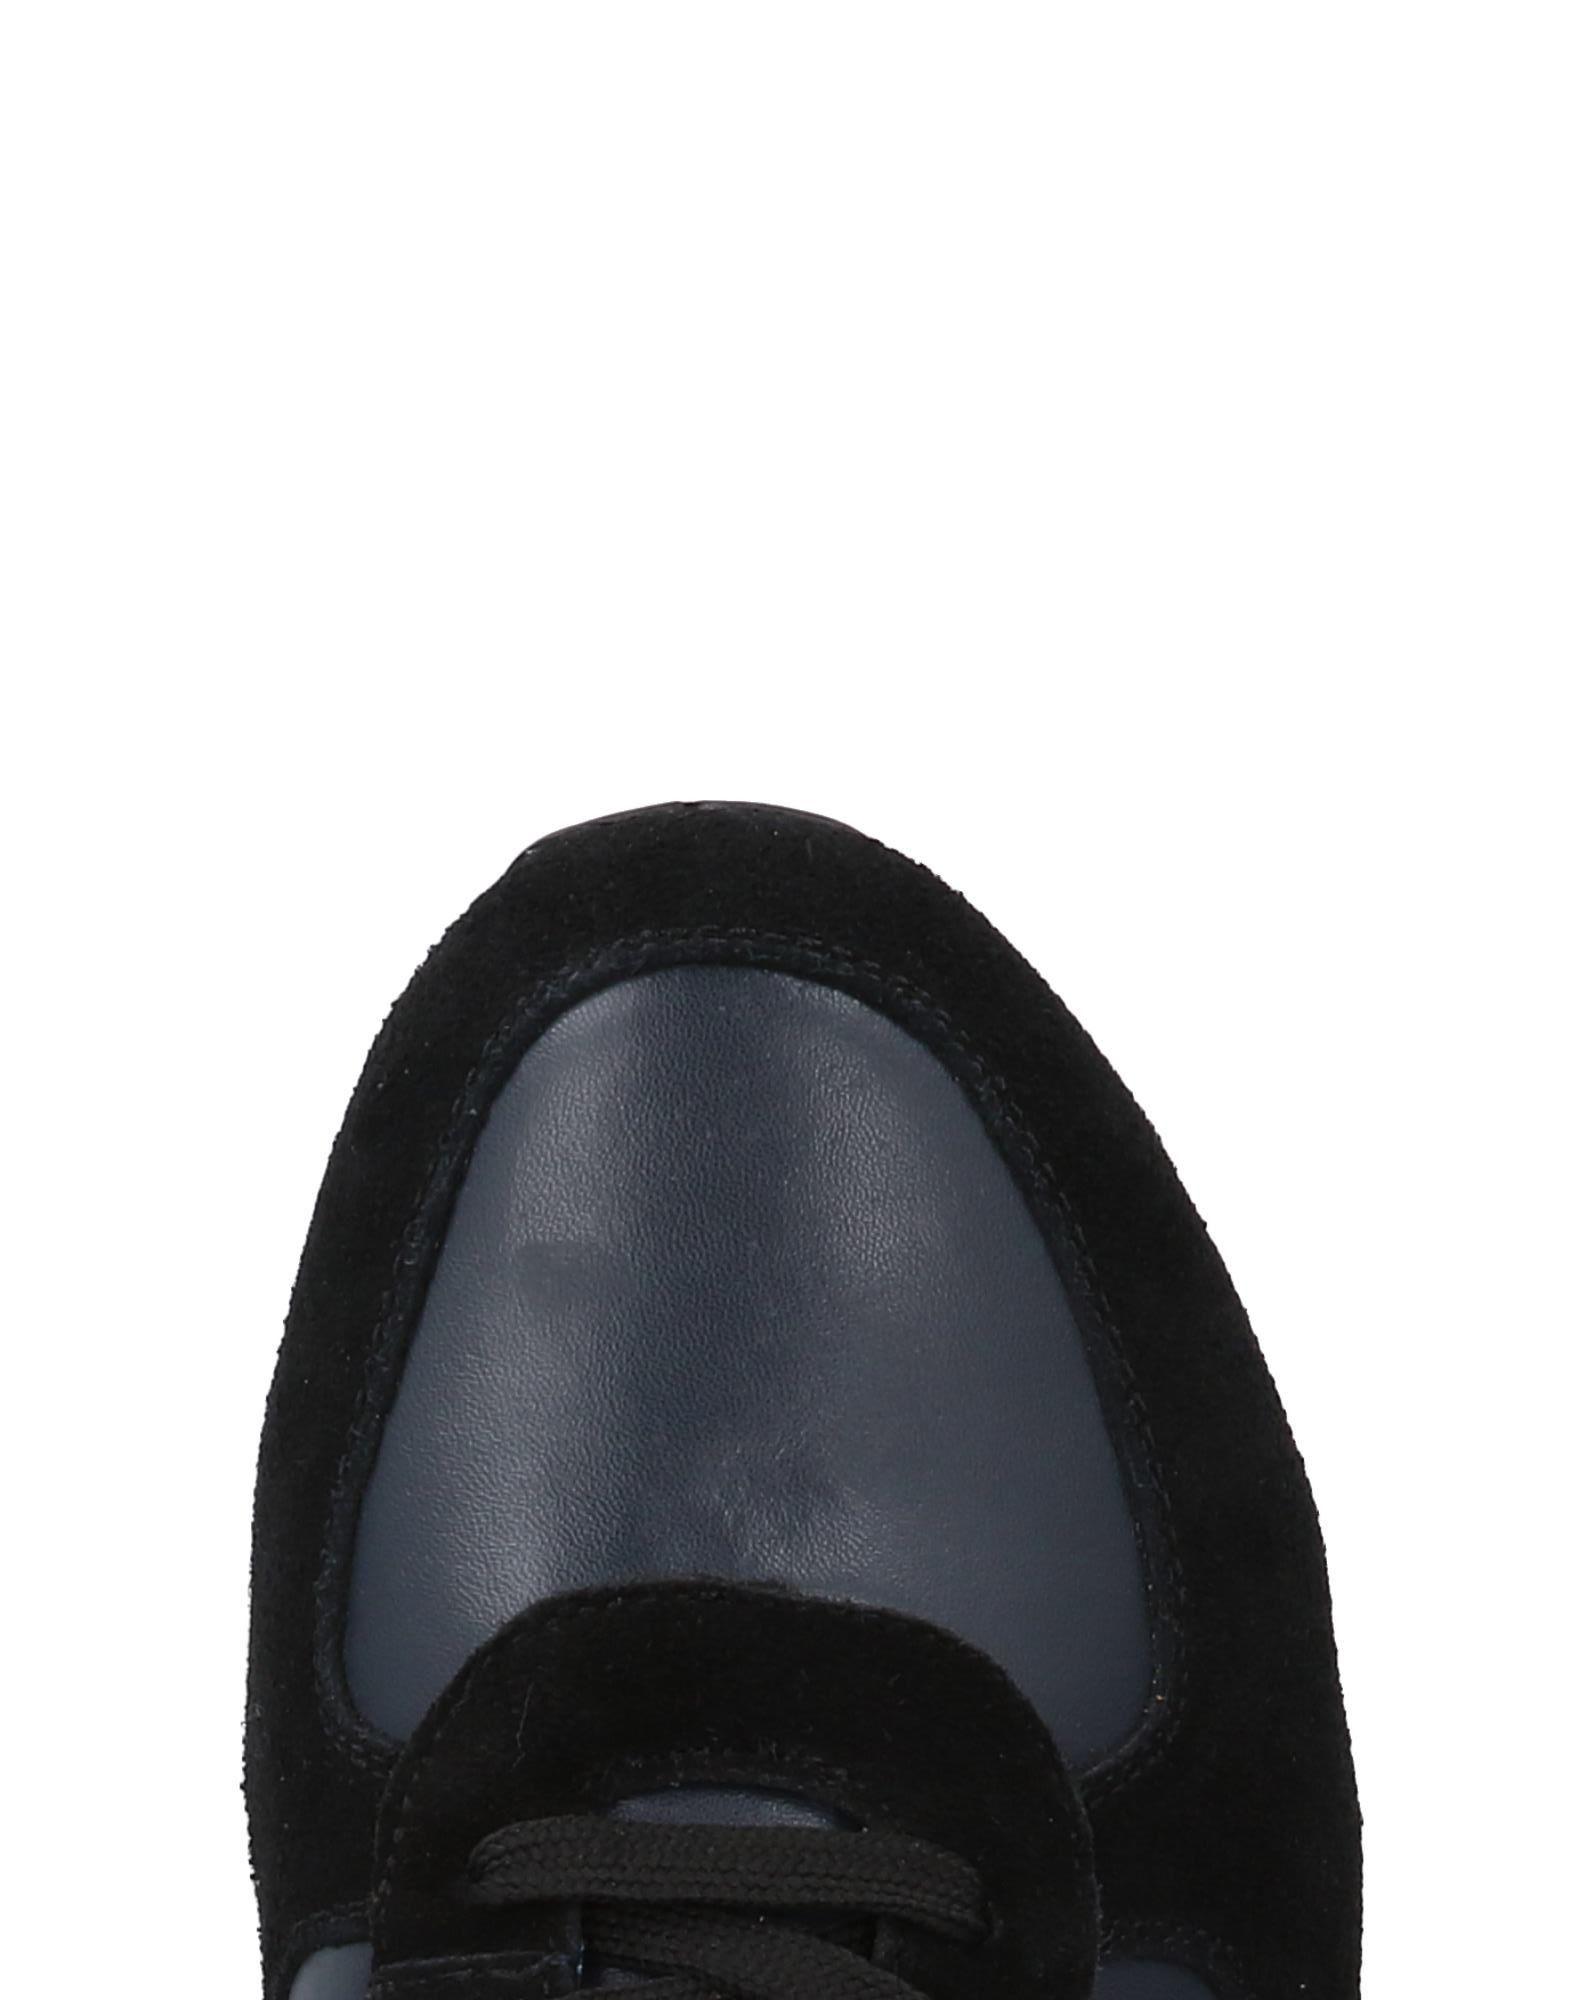 Rabatt echte Schuhe Henry Cotton's Sneakers Herren  11485000MA 11485000MA 11485000MA 9d07f6